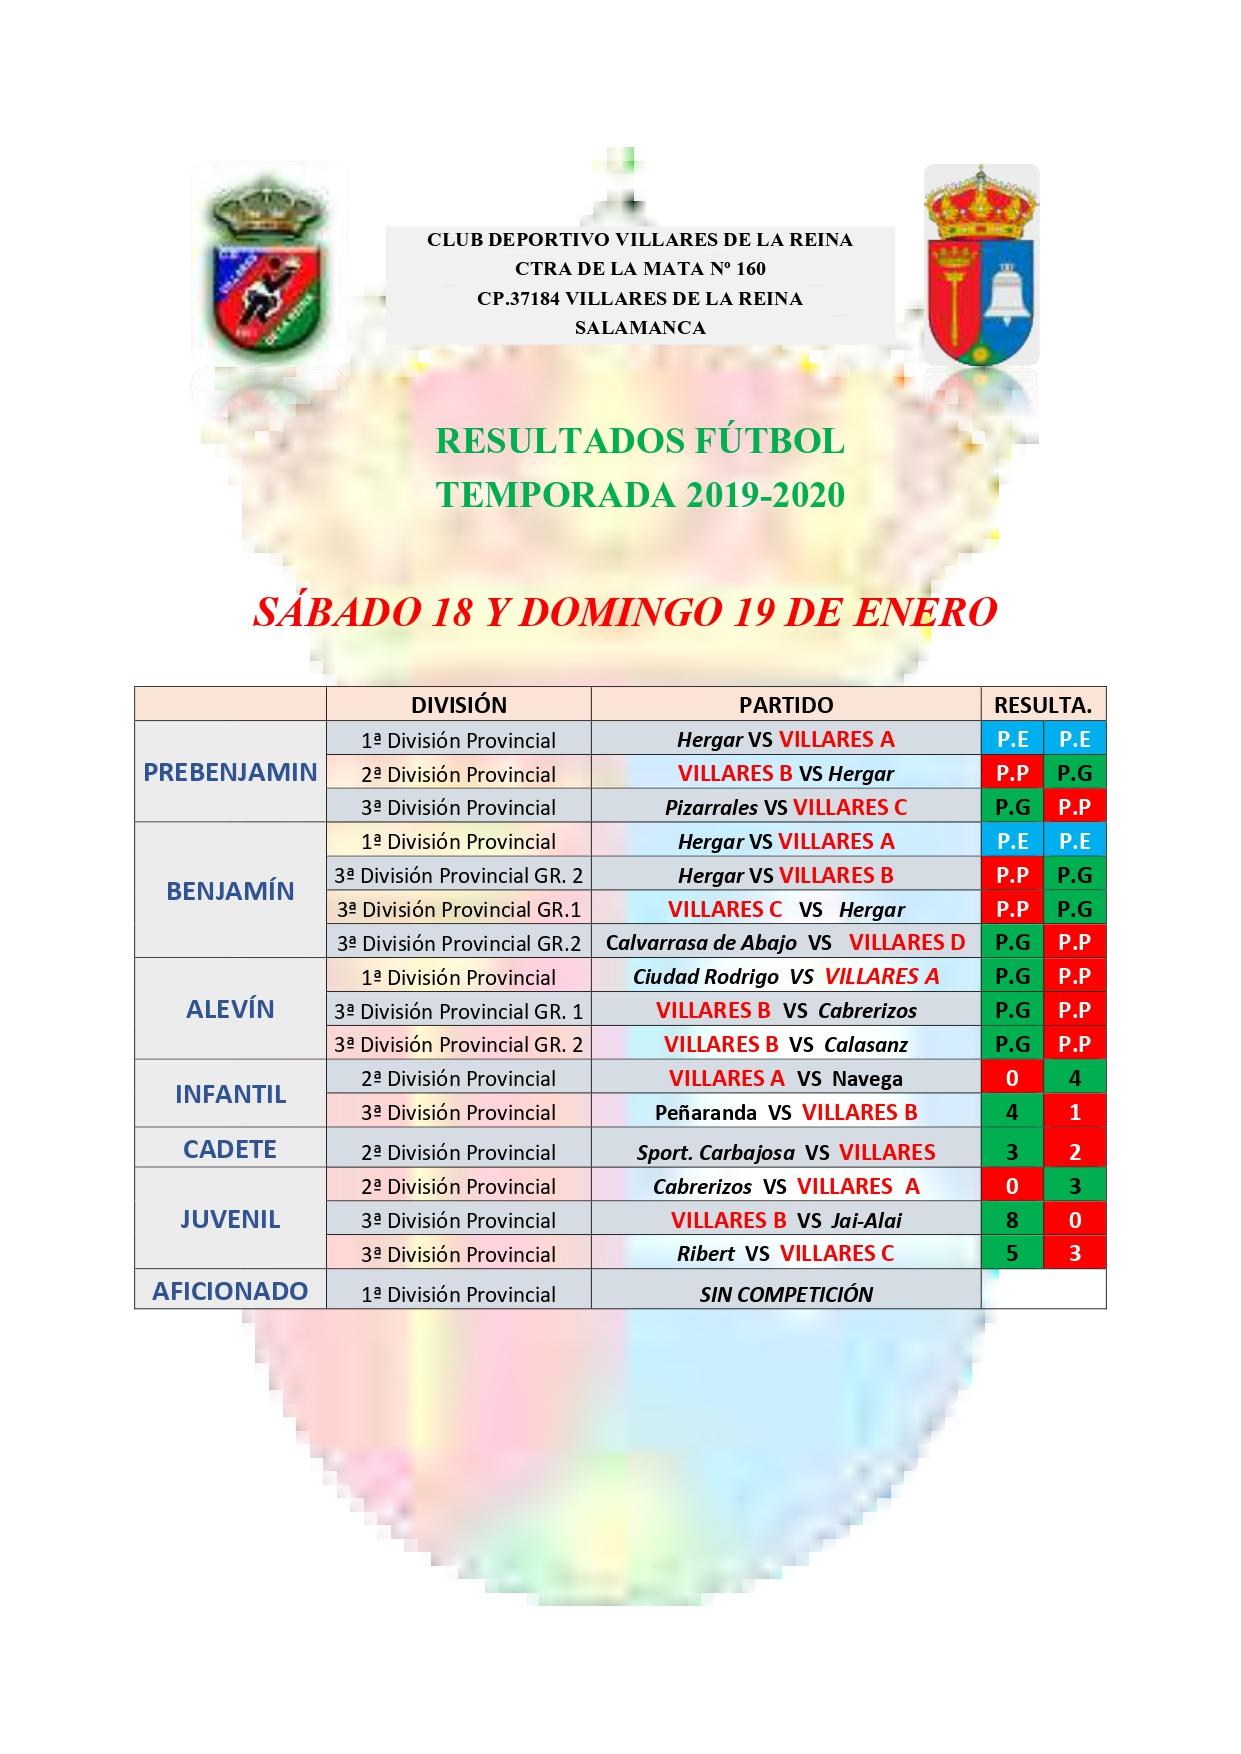 RESULTADOS DE F�TBOL S�BADO 18 Y DOMINGO 19 DE ENERO 2020